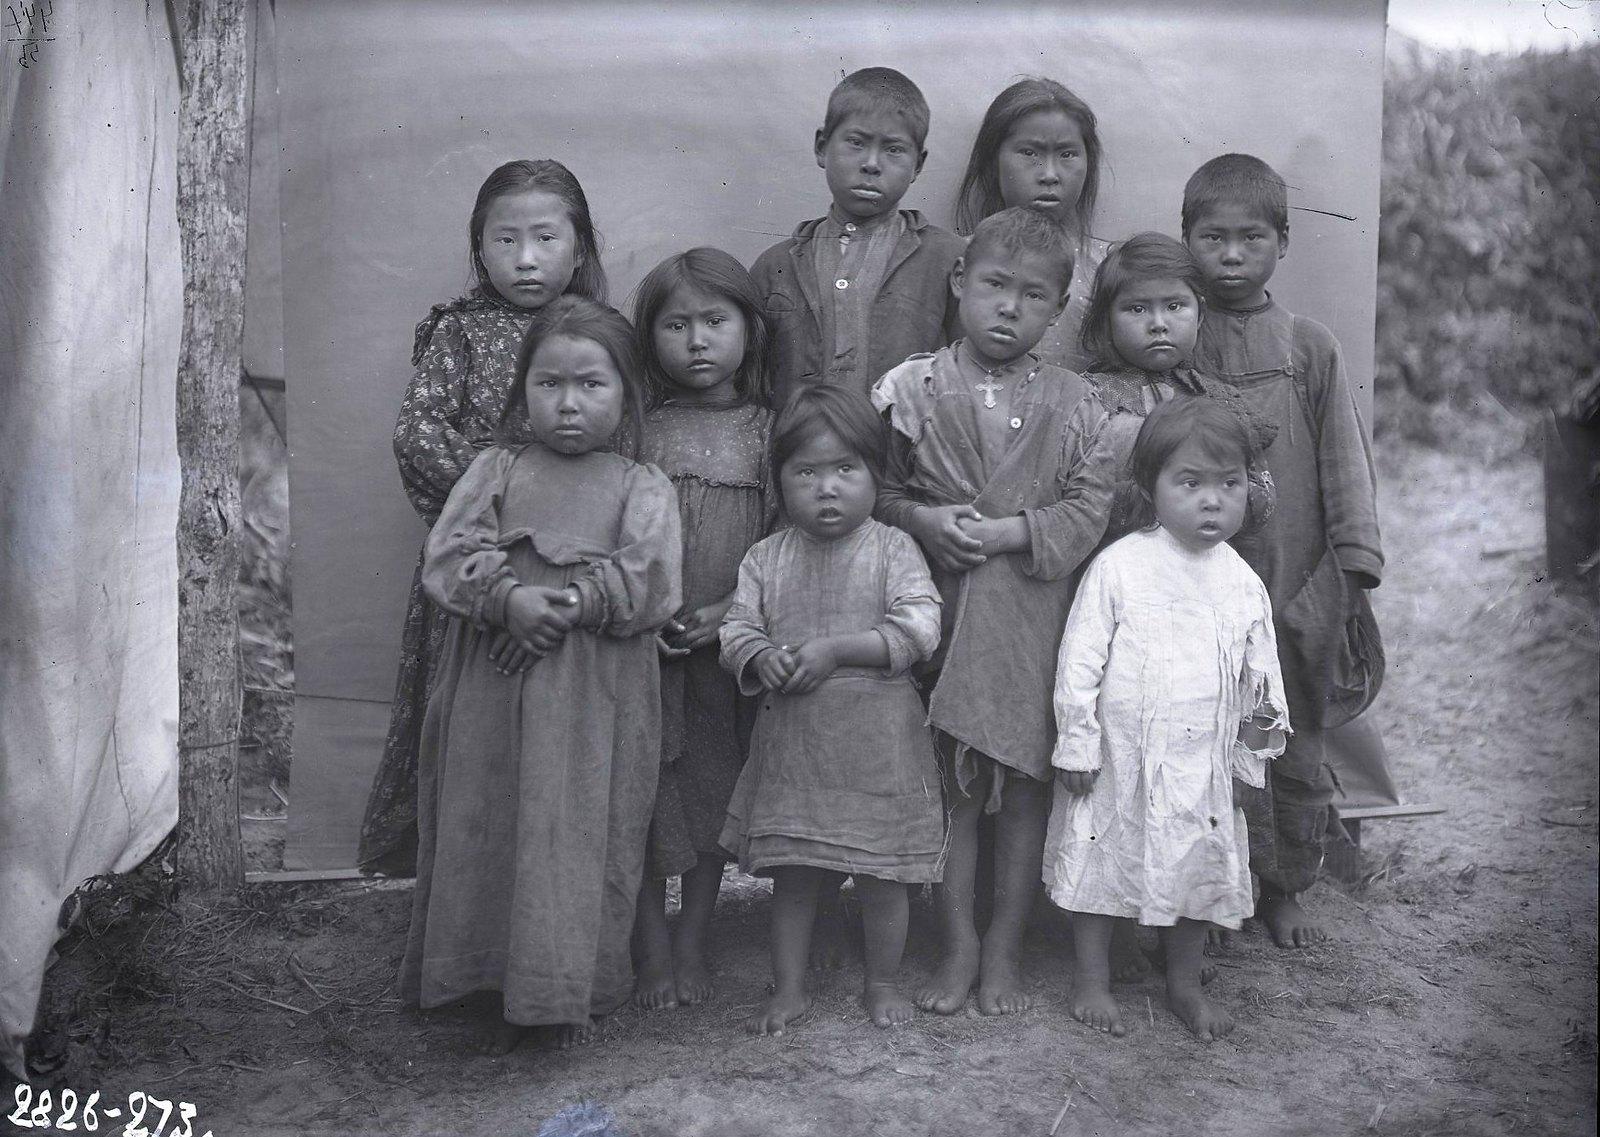 1909. 22 июля. Группа детей.Атту остров, селение Атту